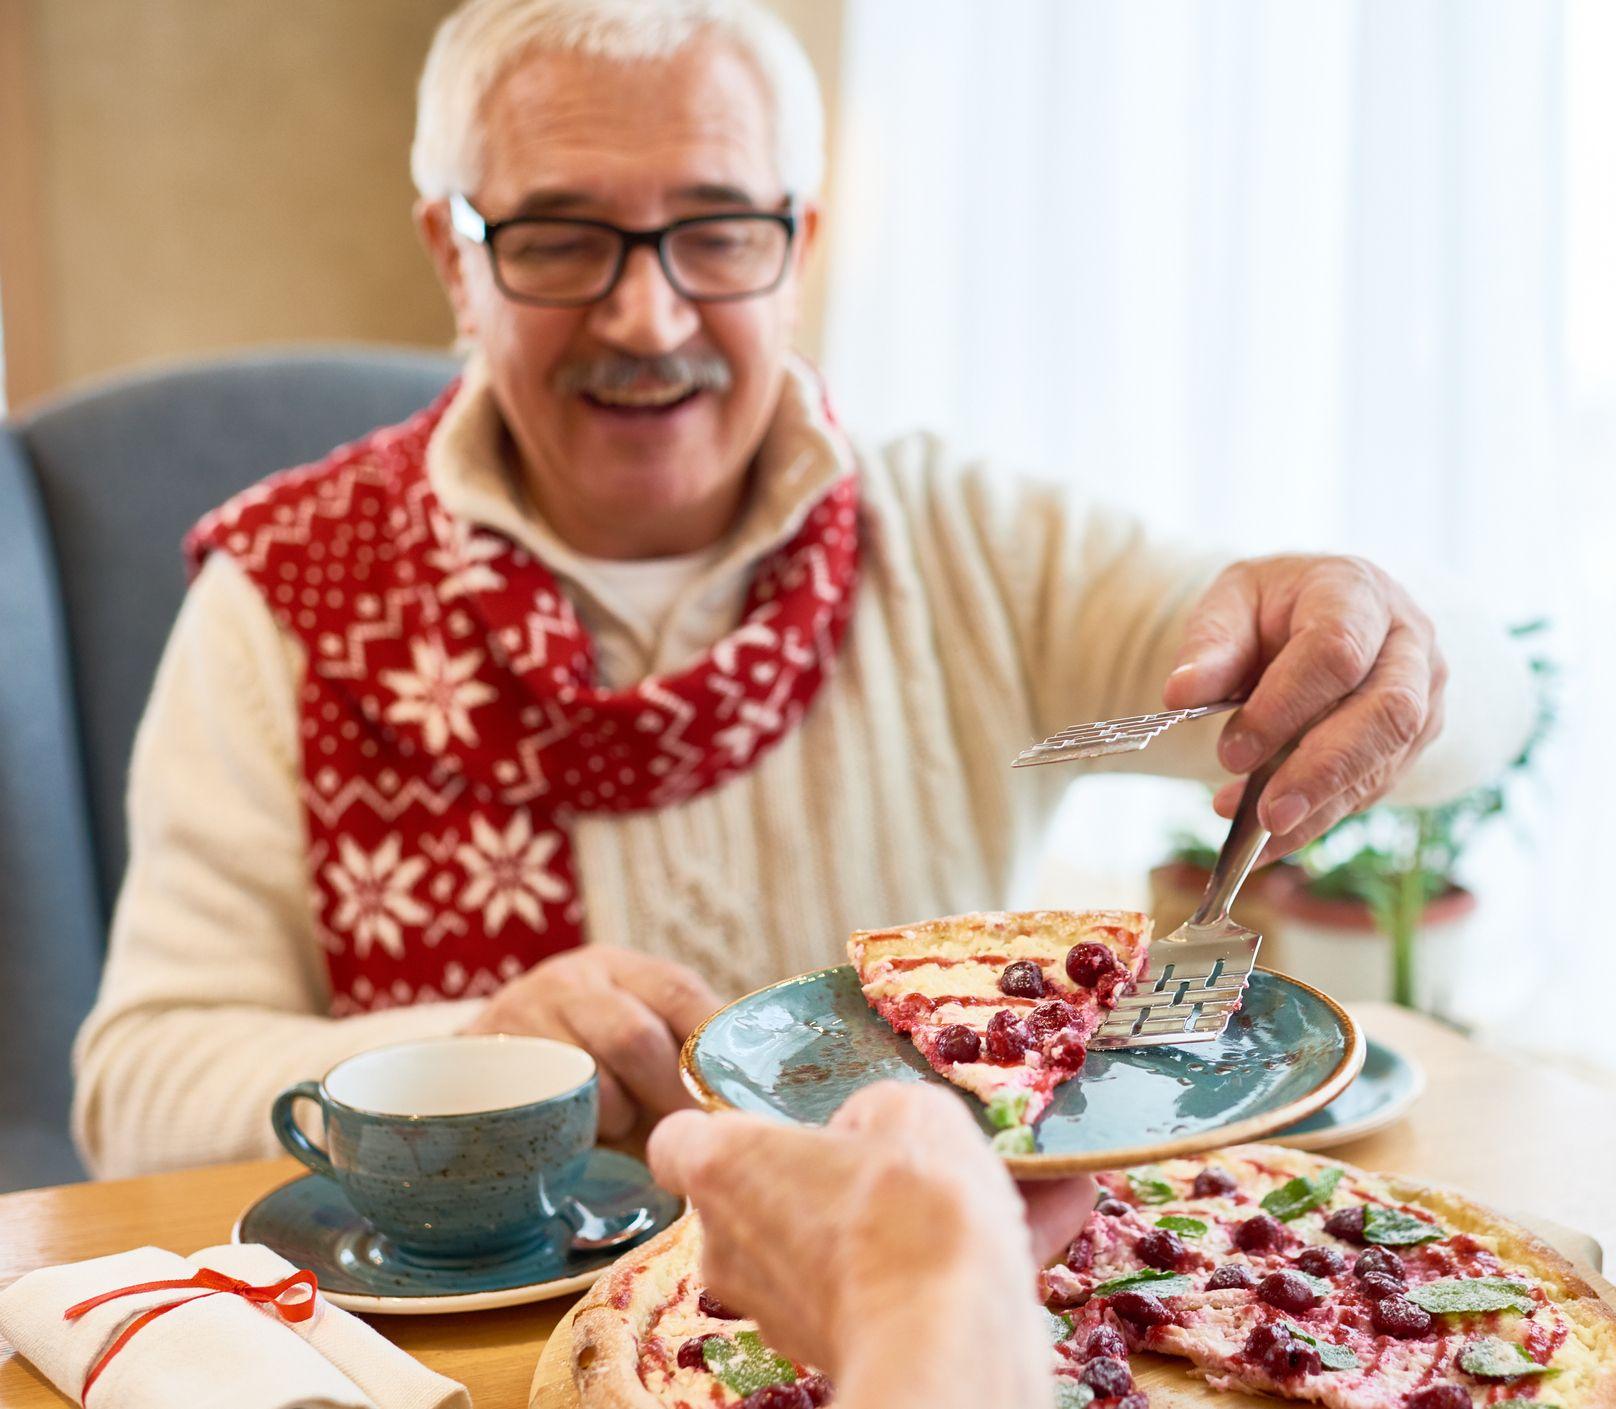 12 diétnych tipov do každej kuchyne: Zvládnite Vianoce bez zbytočných kíl navyše